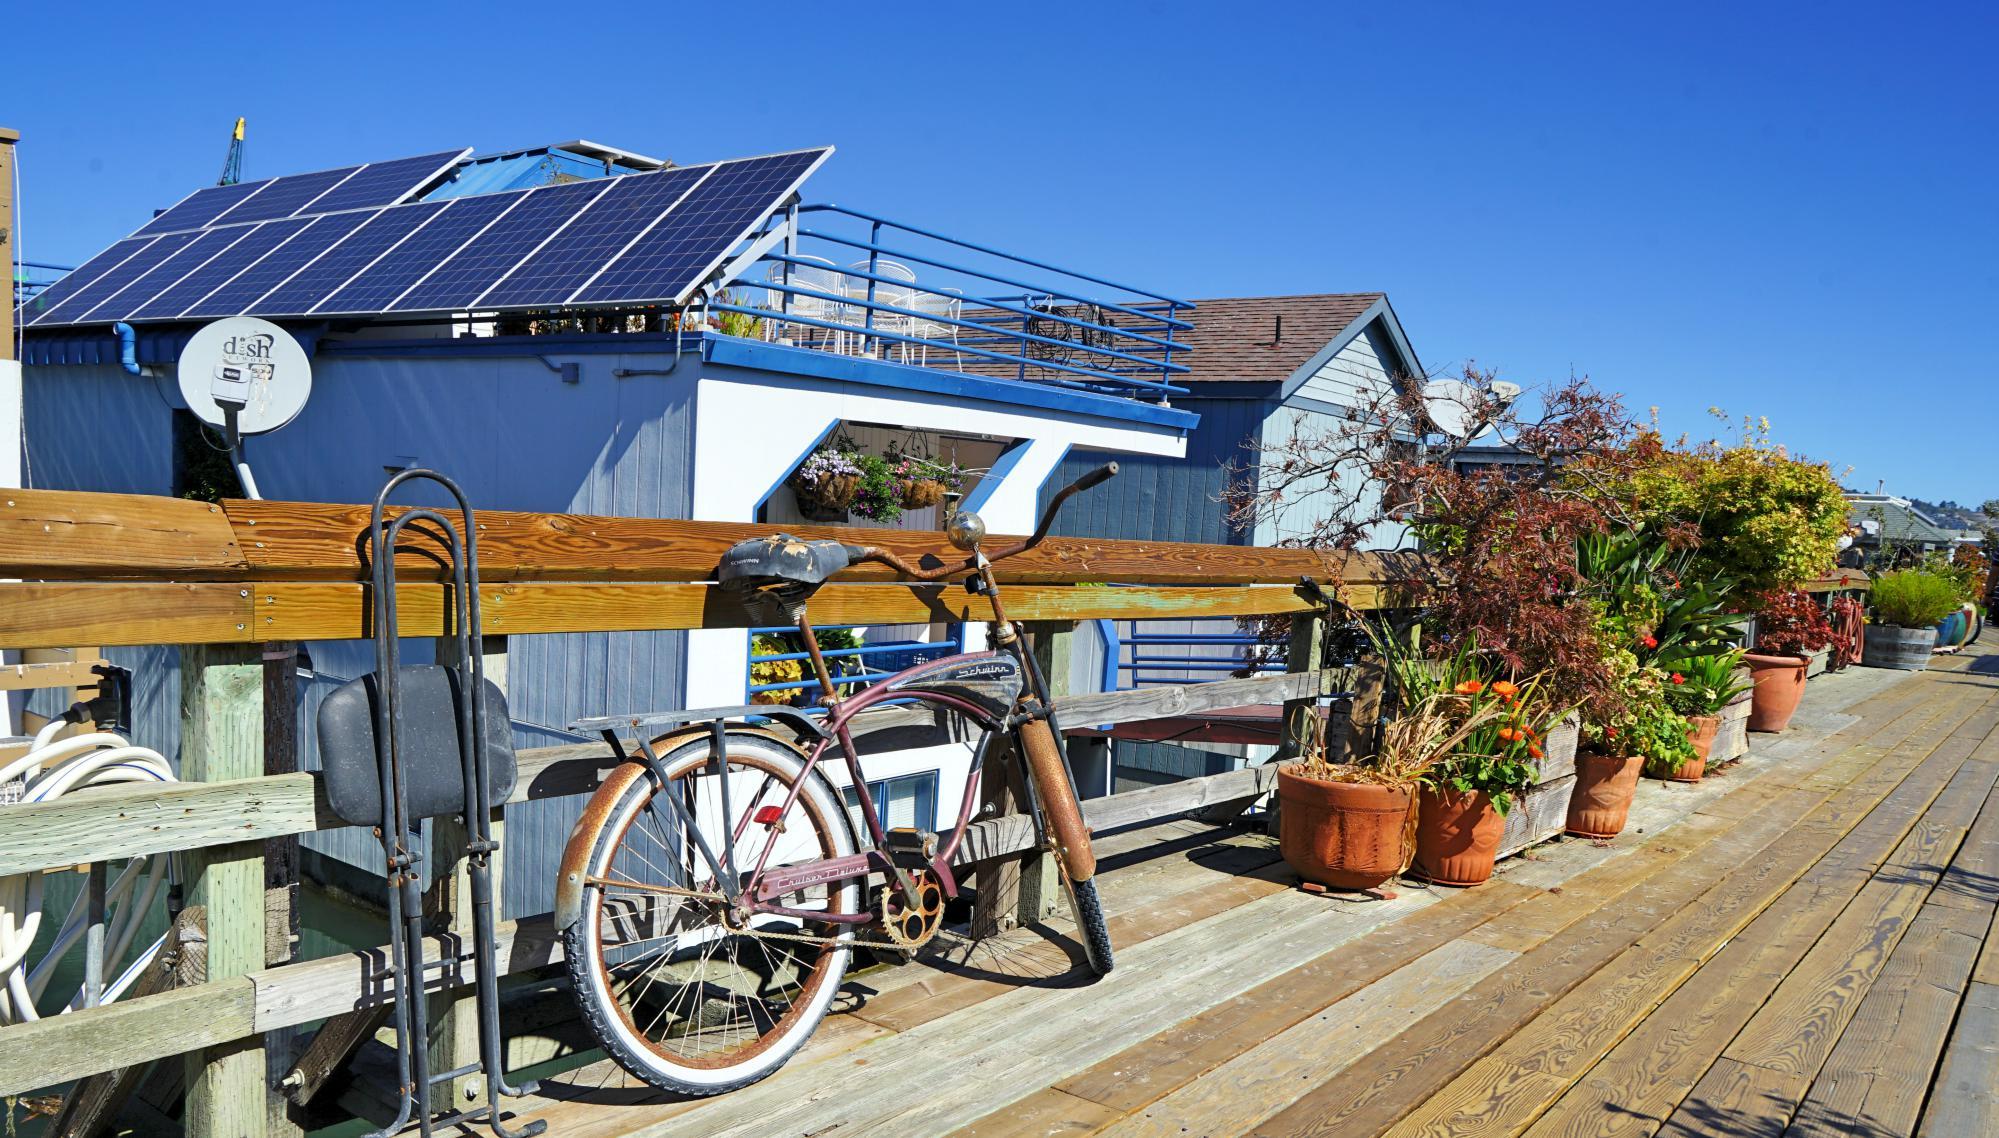 casas barco em Sausalito